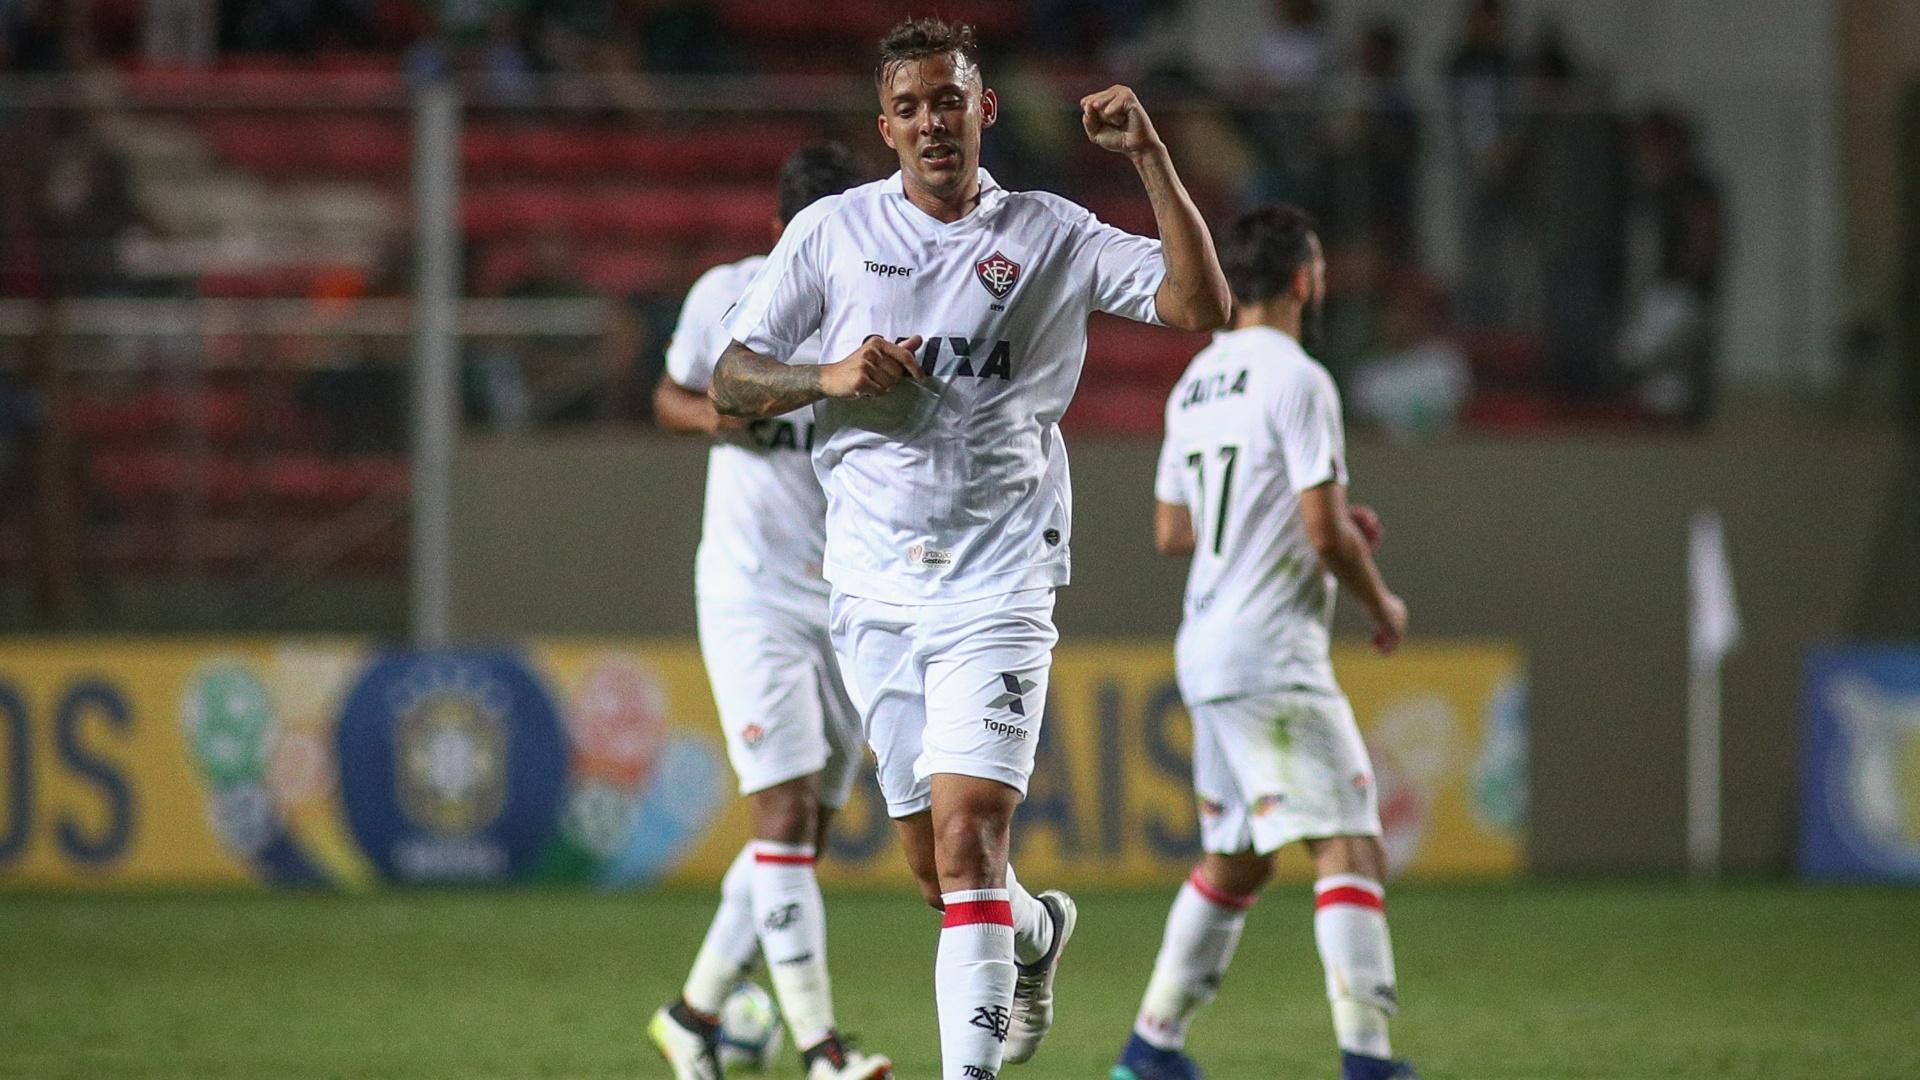 Pedro Botelho diminui para o Vitória e comemora